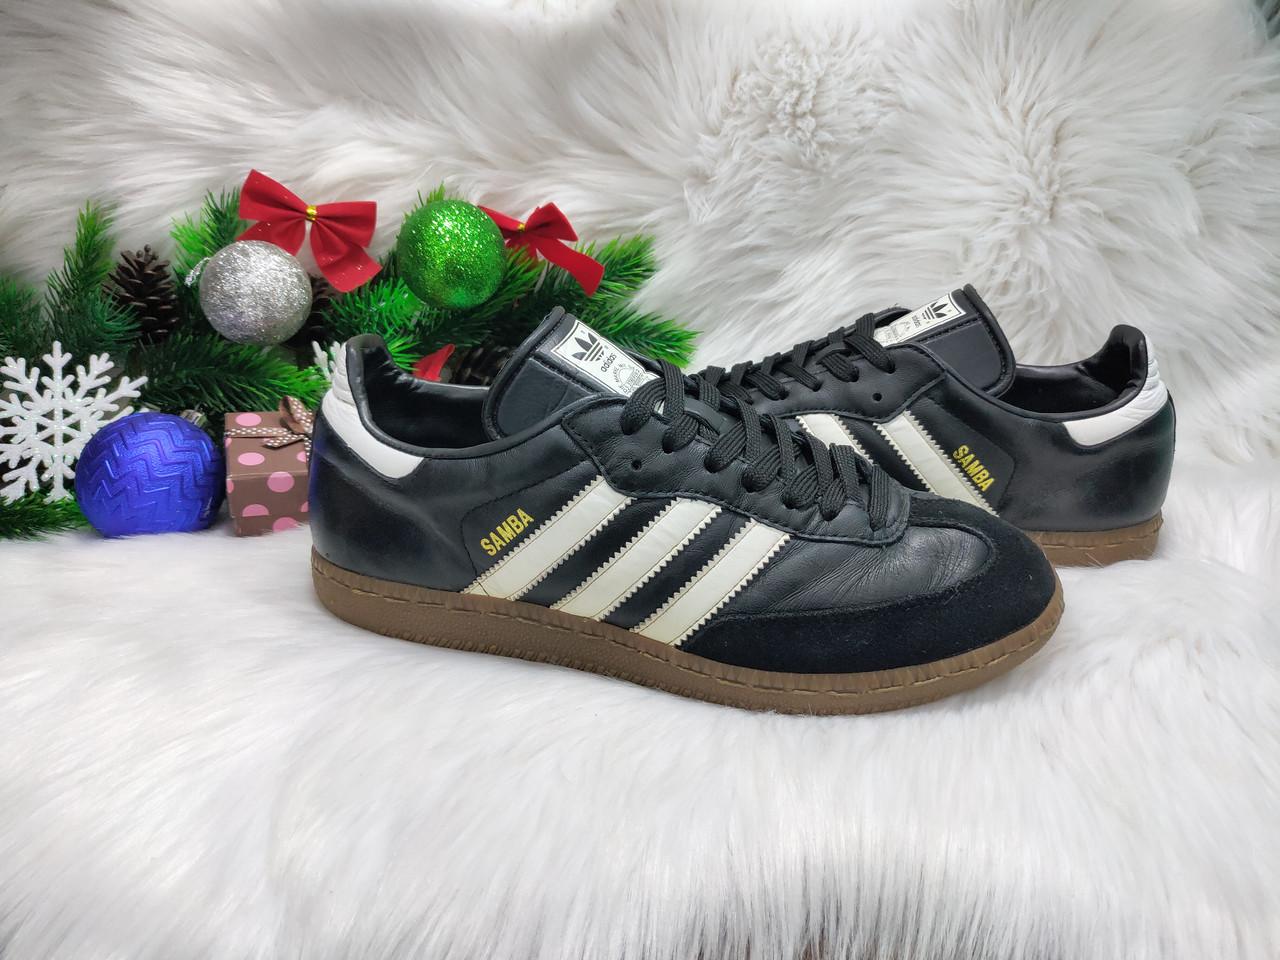 Мужские кроссовки Adidas Samba (40 размер) бу